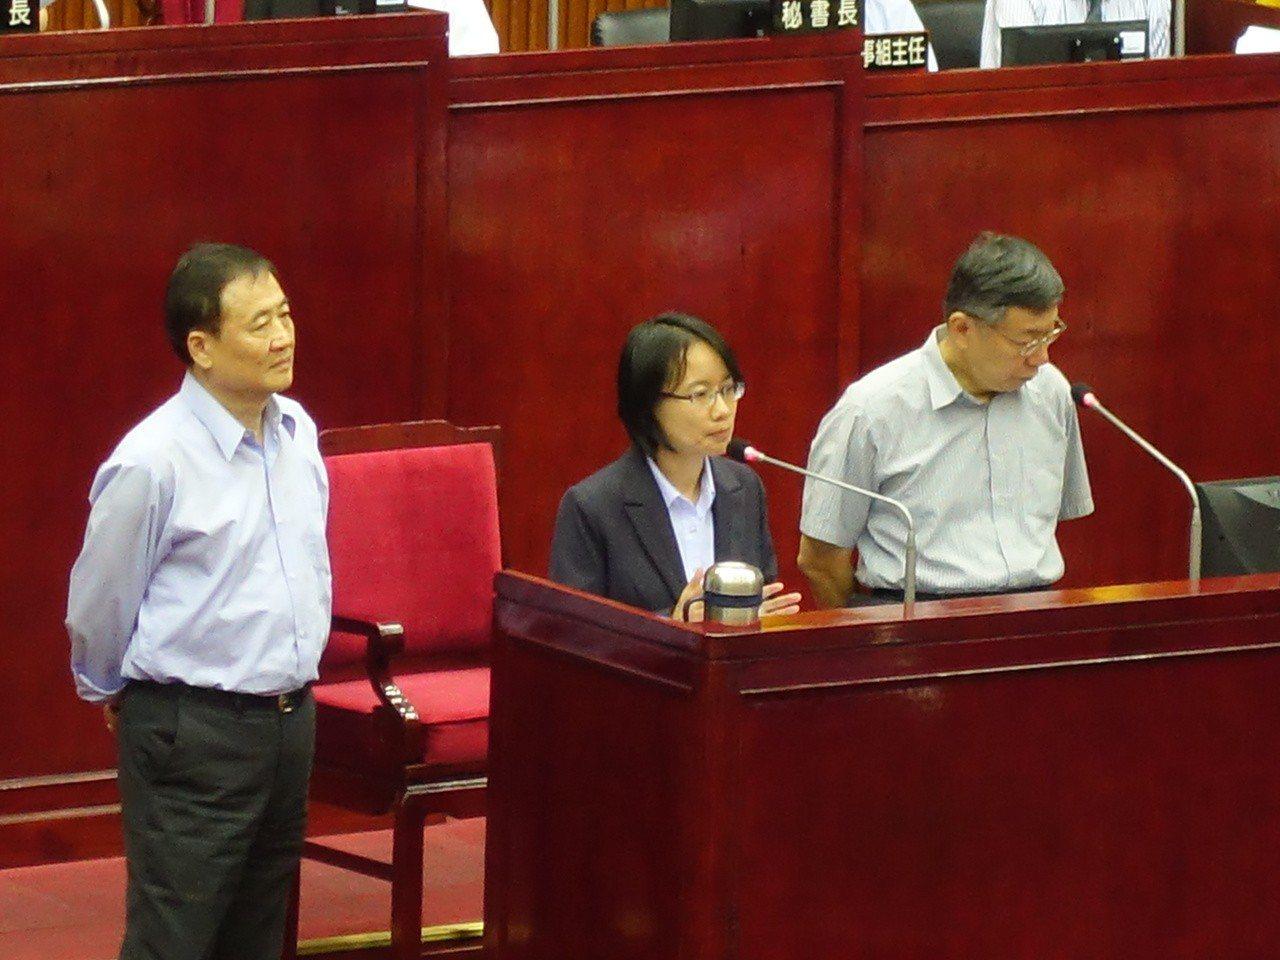 北農總經理吳音寧說,過去認為實實在在做事情,抹黑不用特別回應,做事情就好了,但發...